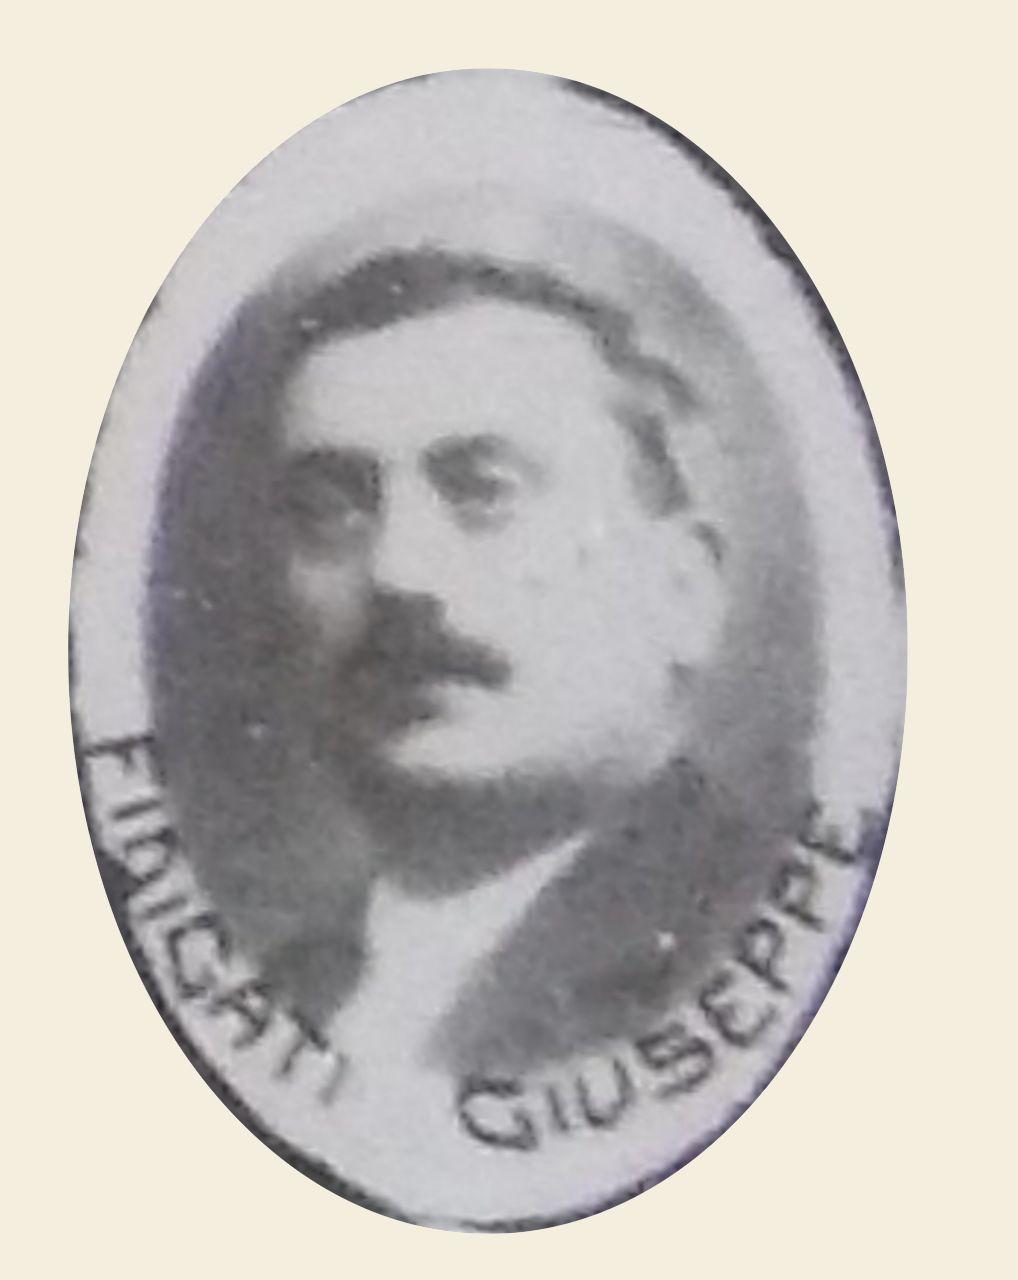 Fidigati Giuseppe